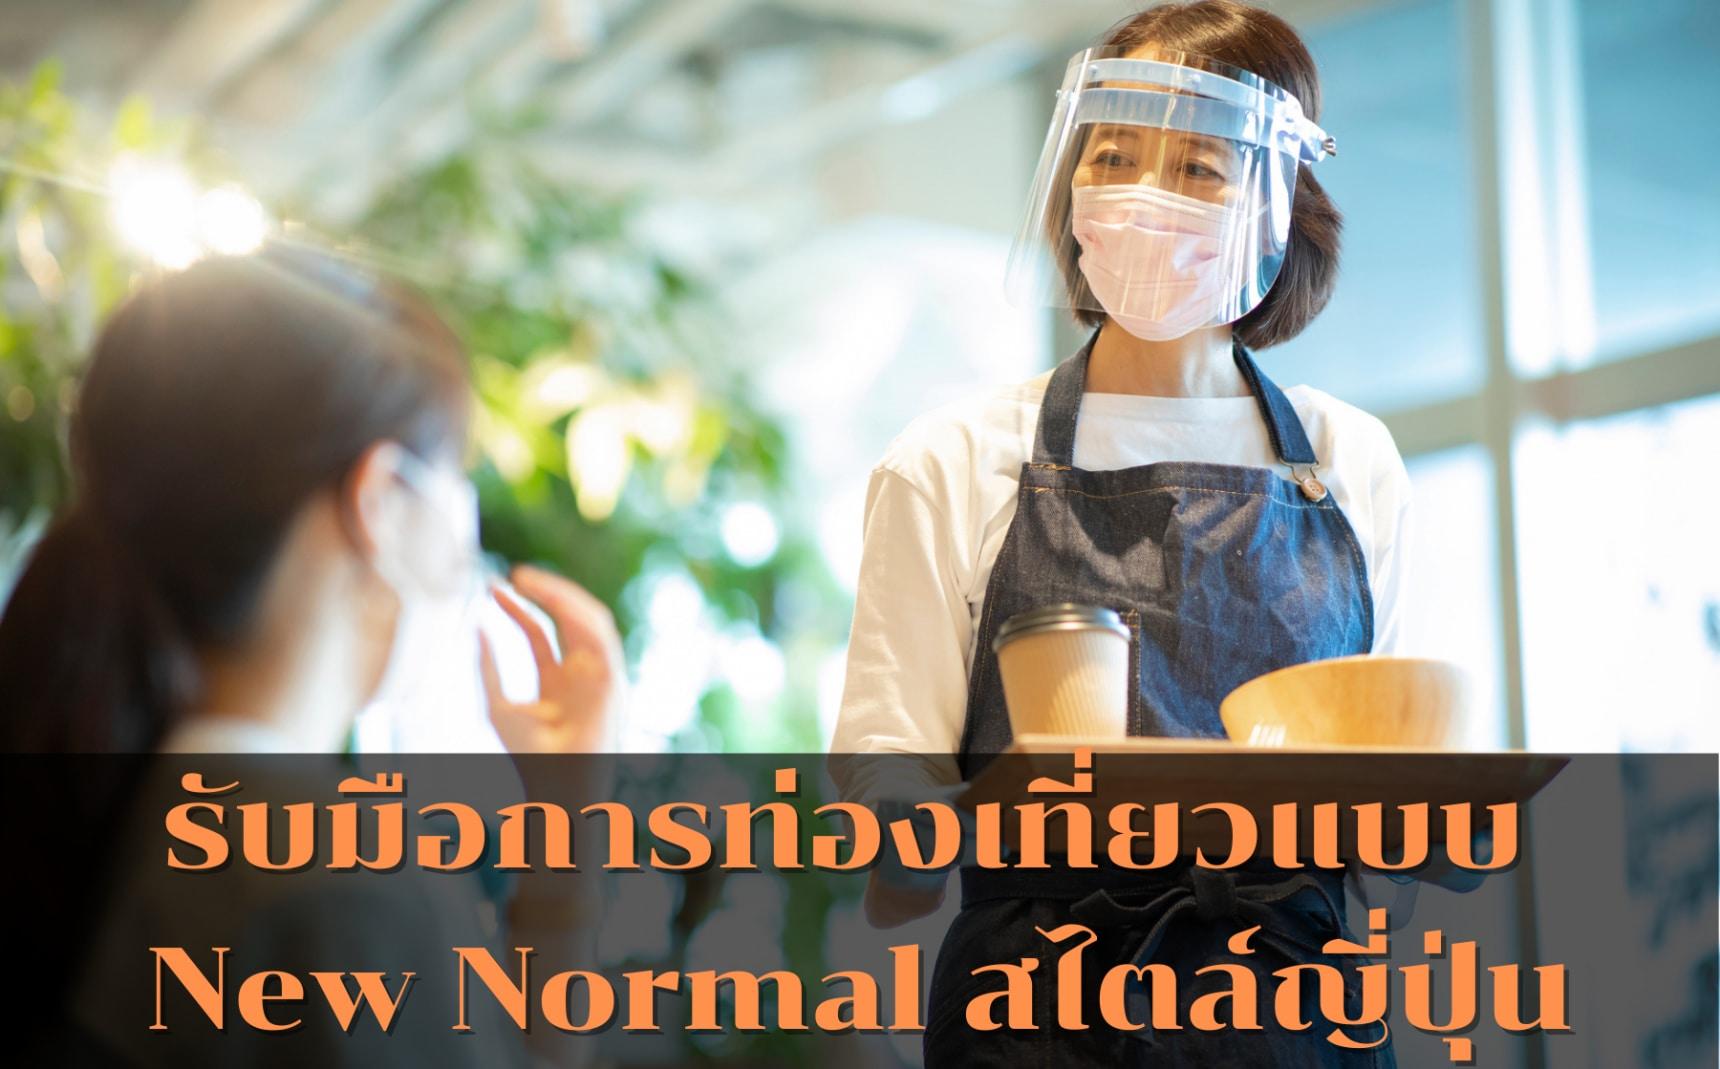 รับมือการท่องเที่ยวแบบ New Normal สไตล์ญี่ปุ่น